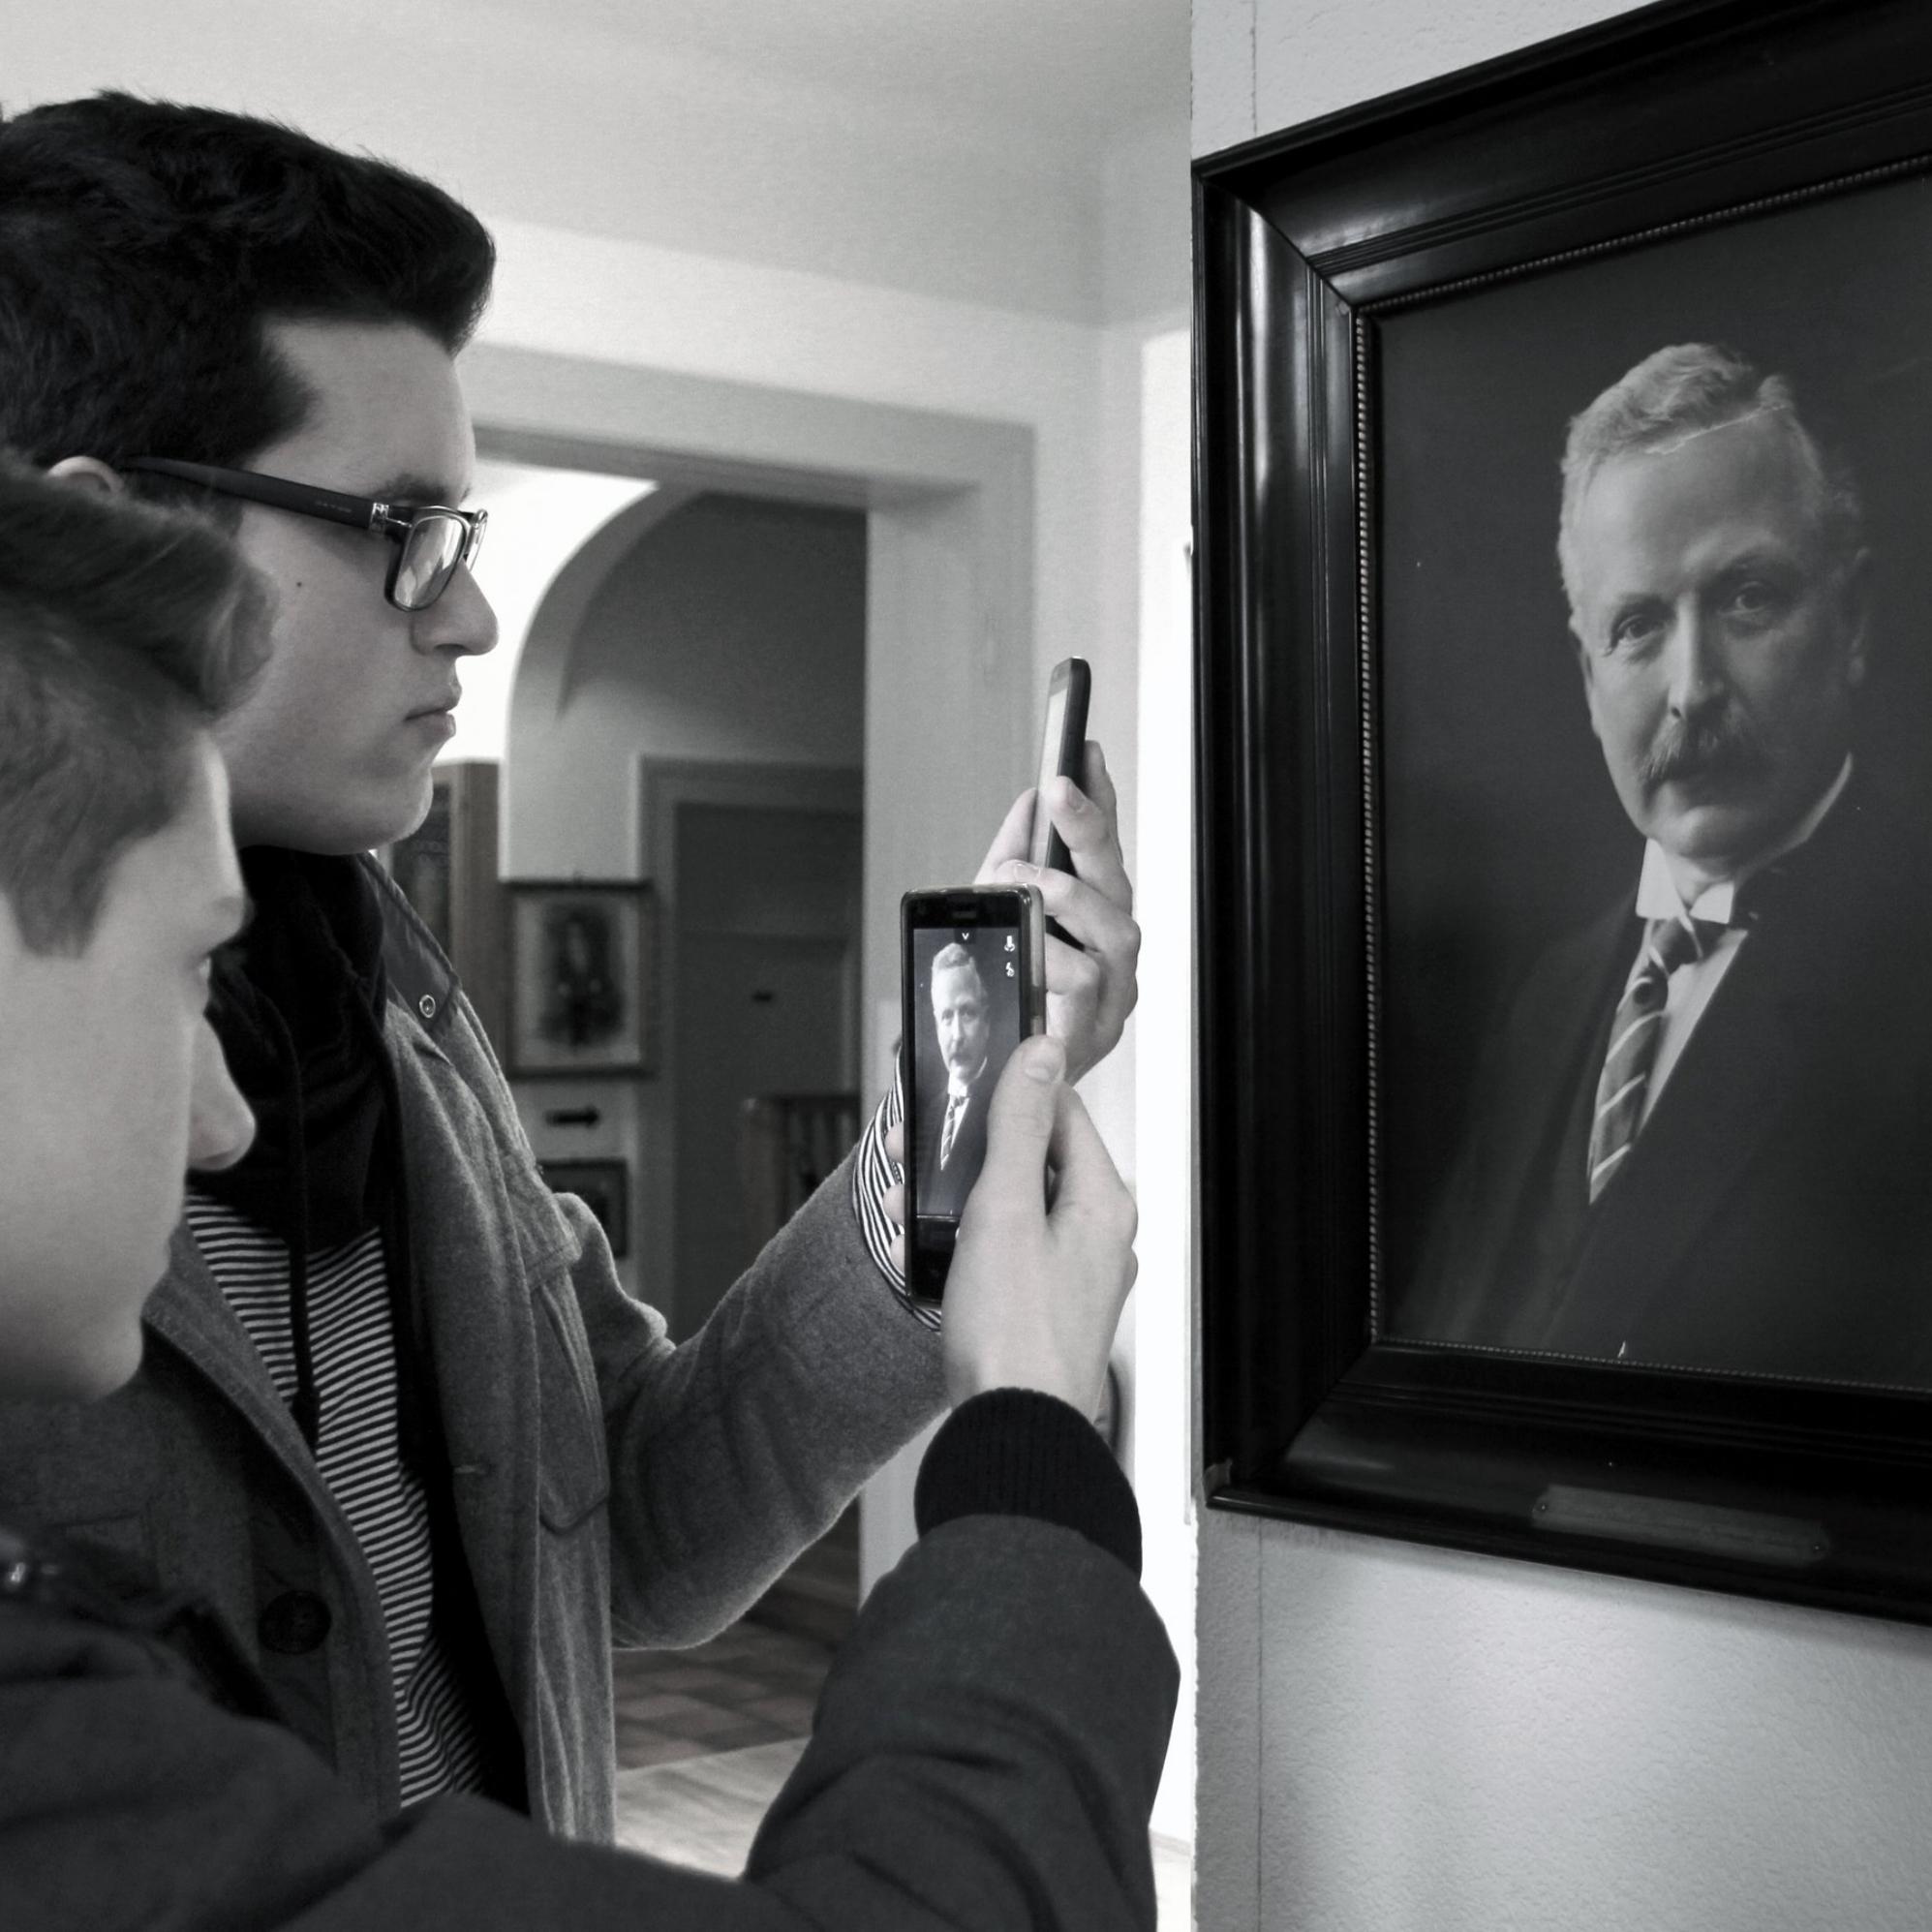 Museums skattejagt er vores helt nye indendørs aktivitet, hvor I sammen skal udforske museets ukendte skatte. -